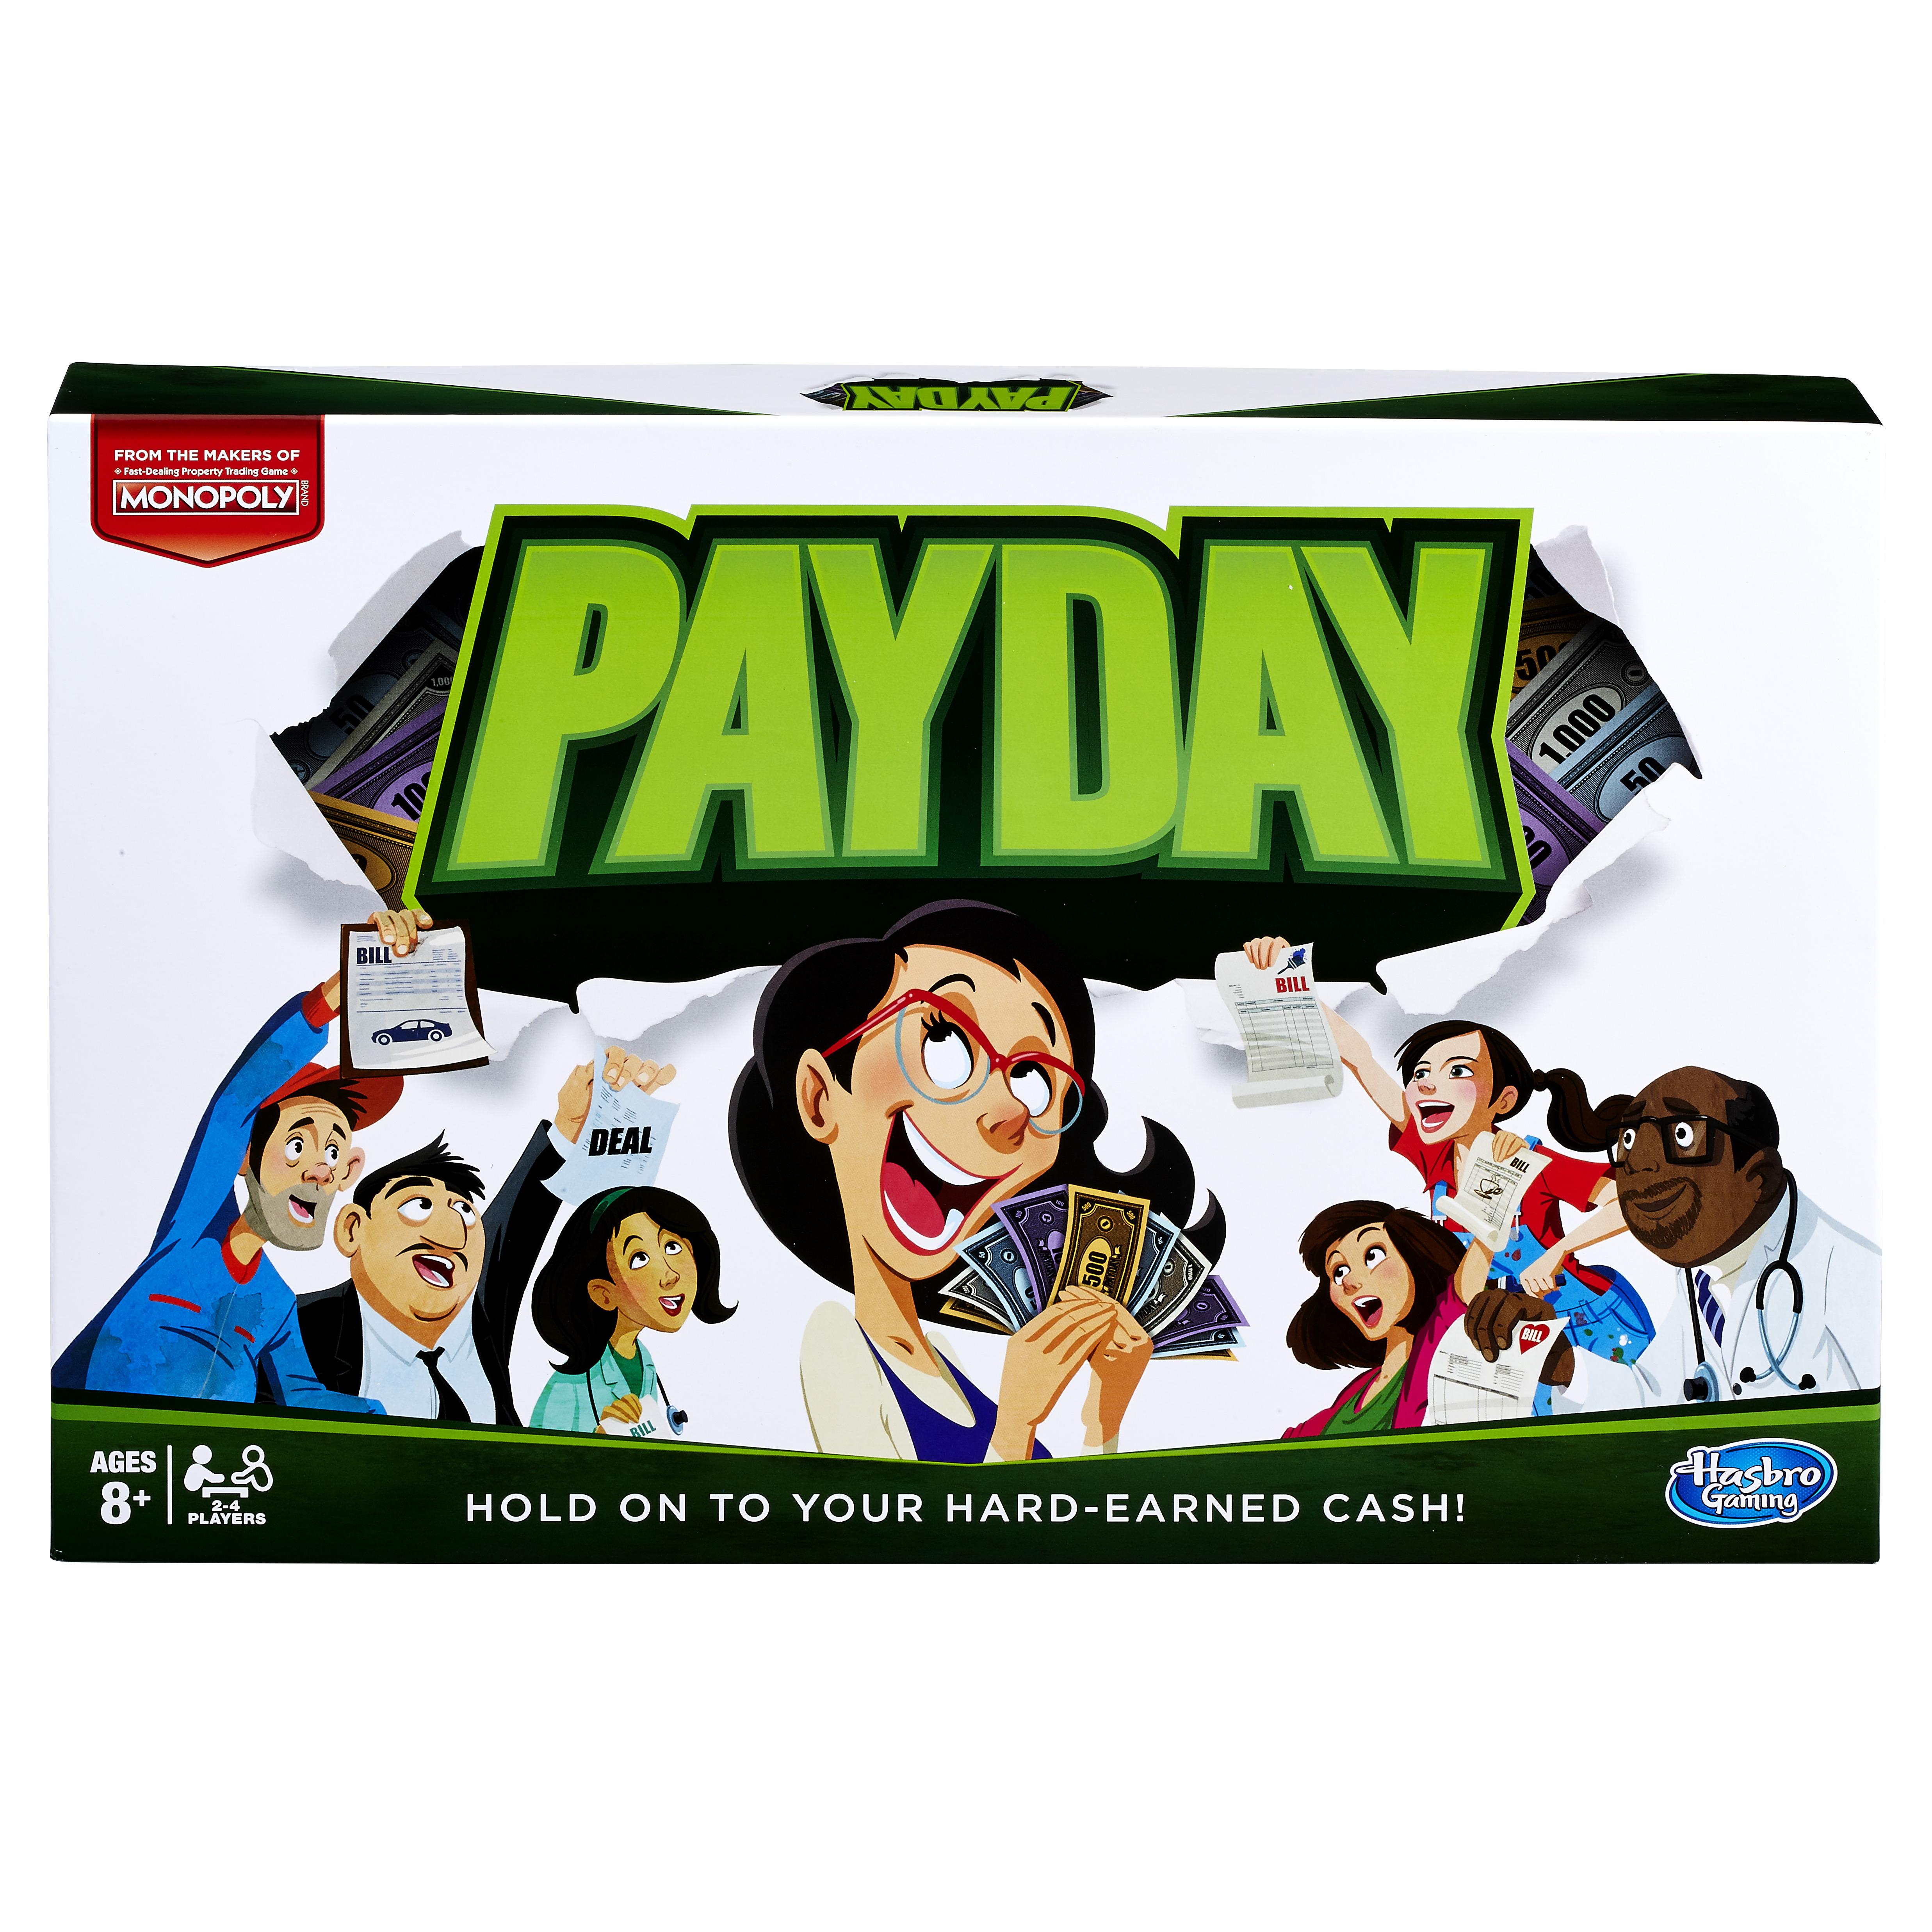 Настольные игры Hasbro Monopoly: Pay day настольная игра час расплаты hasbro gaming e0751